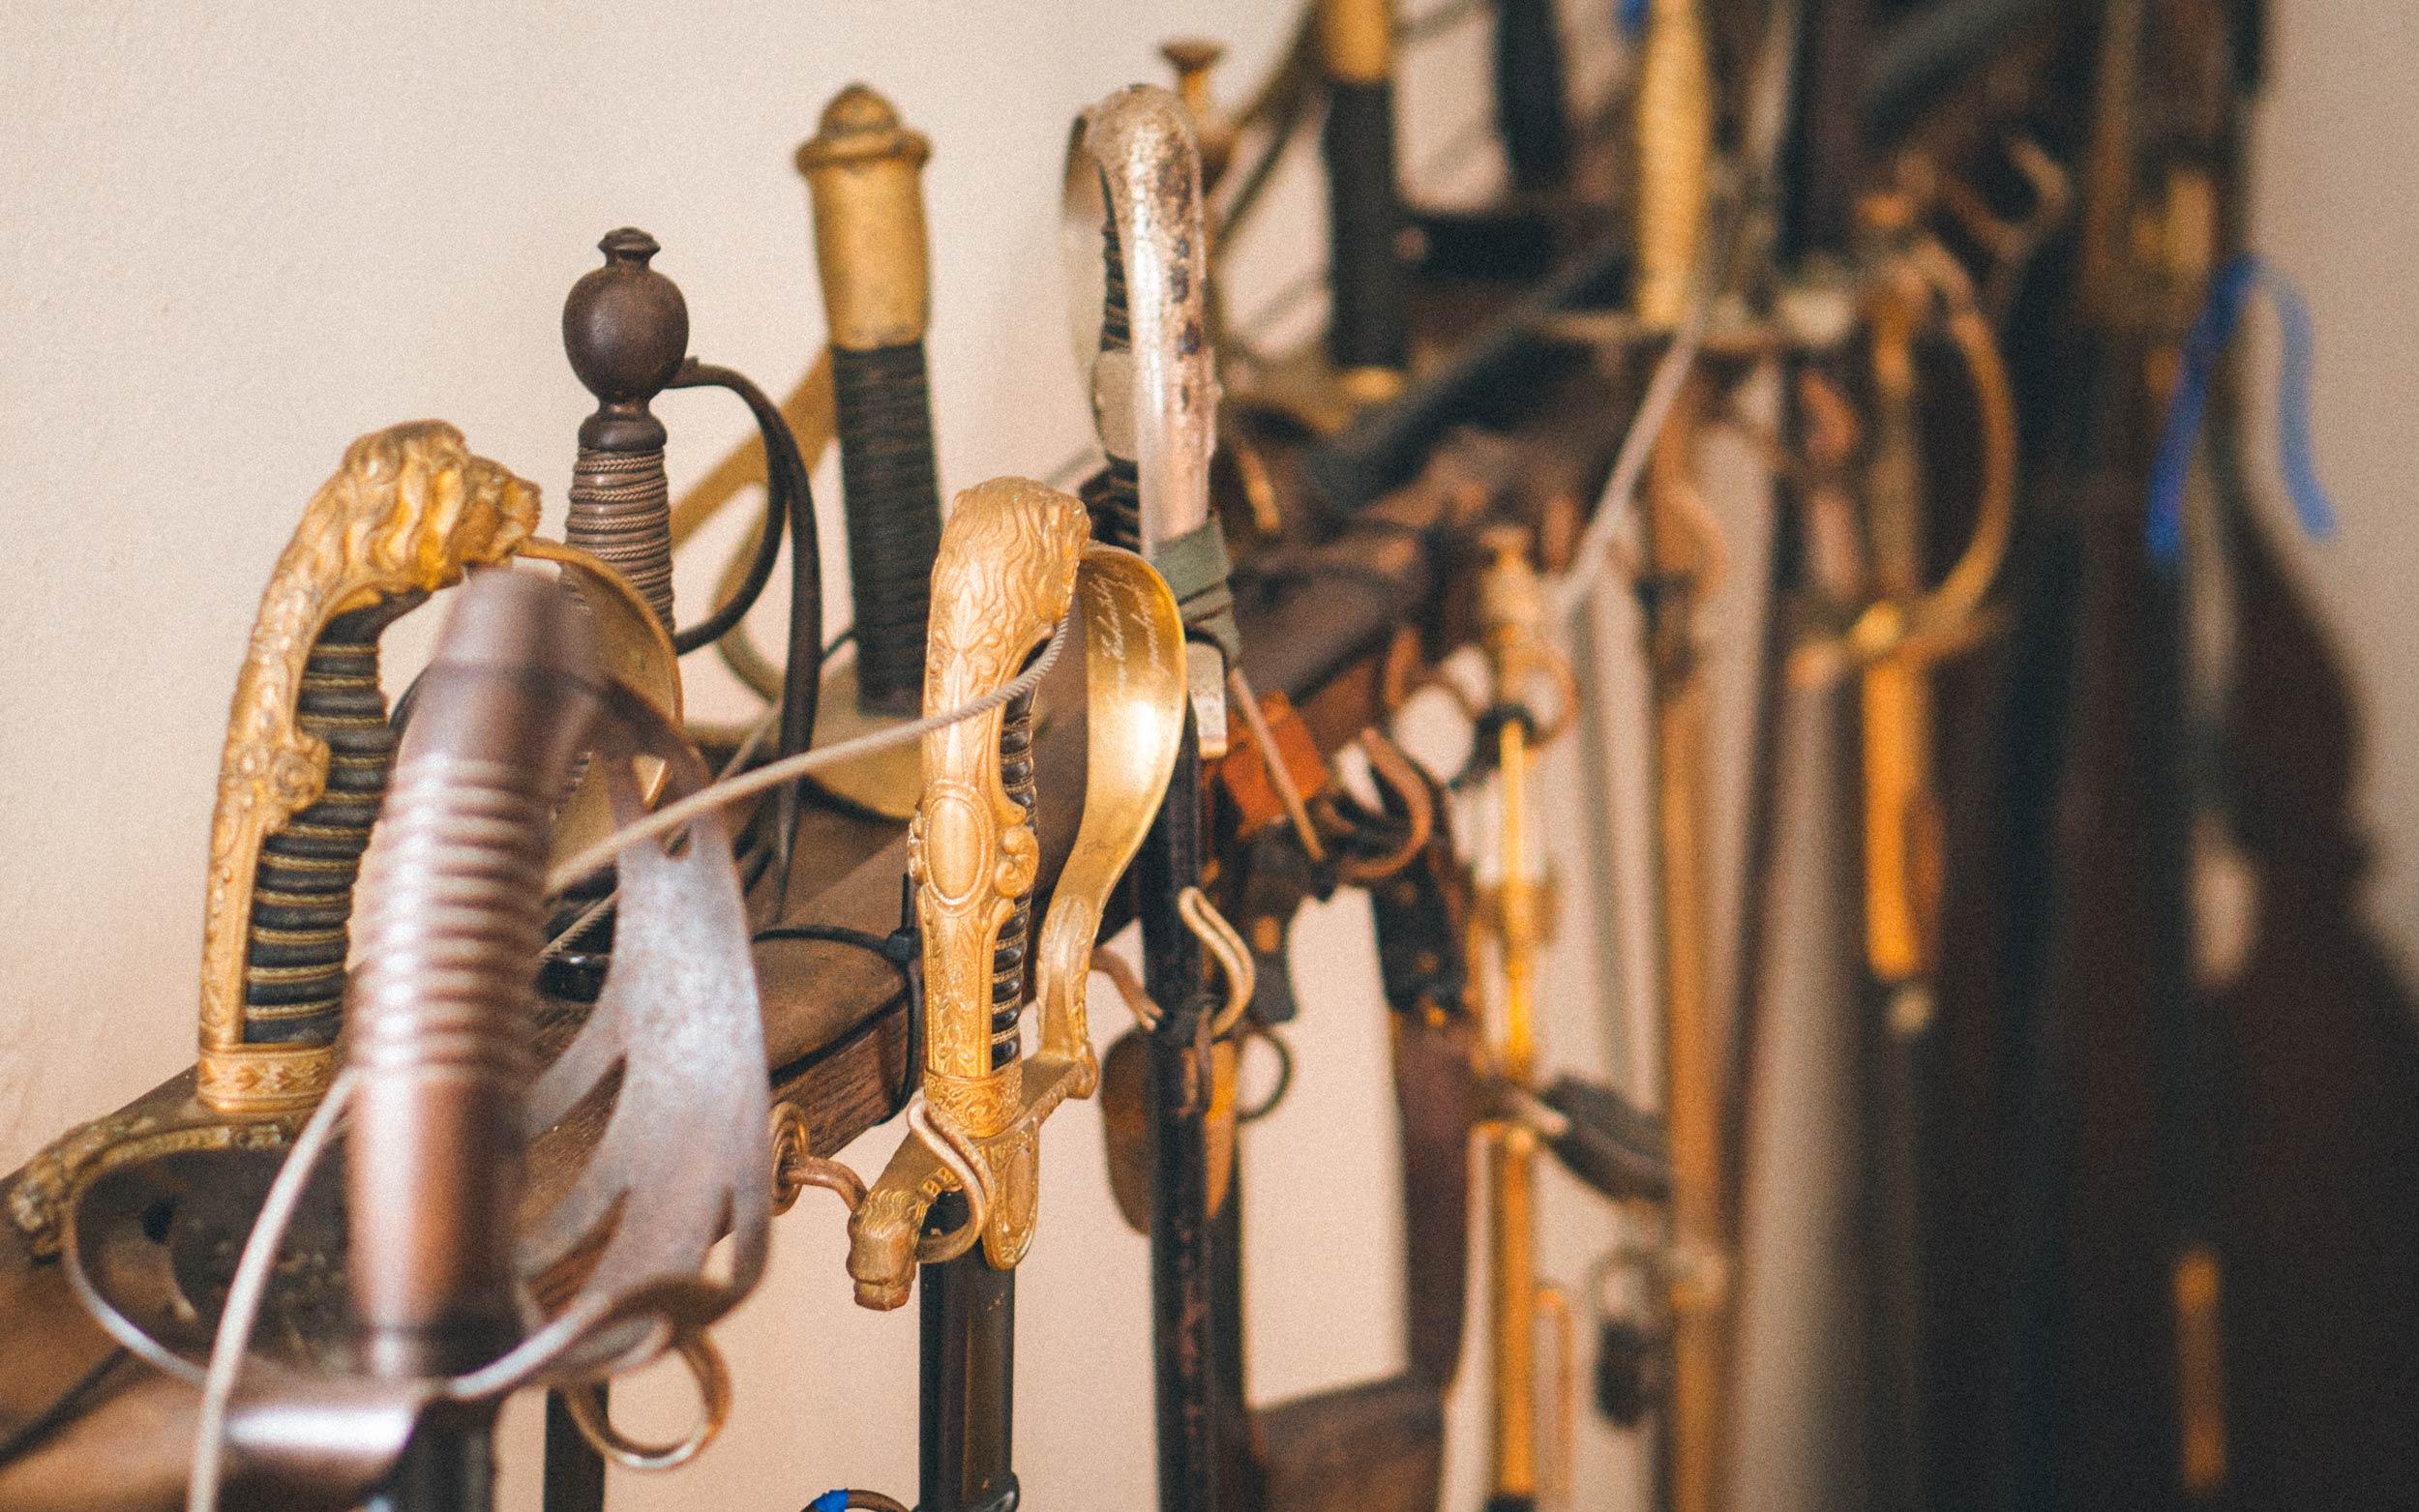 Schwertsammlung im Haus Marck